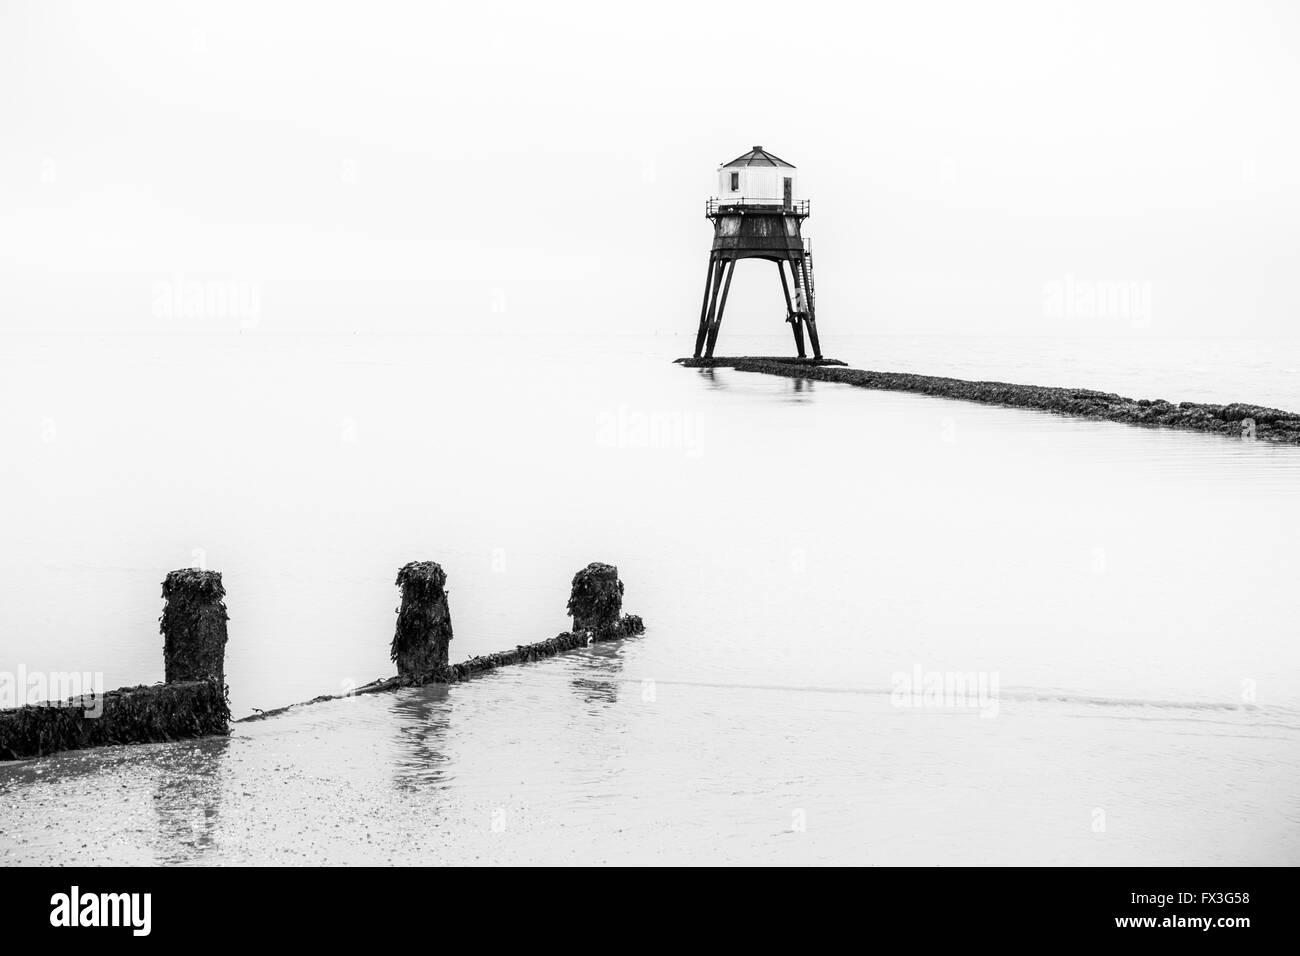 Schwarze und weiße Landschaften: dovercourt's Victorian Leuchtturm, Essex, Großbritannien Stockbild